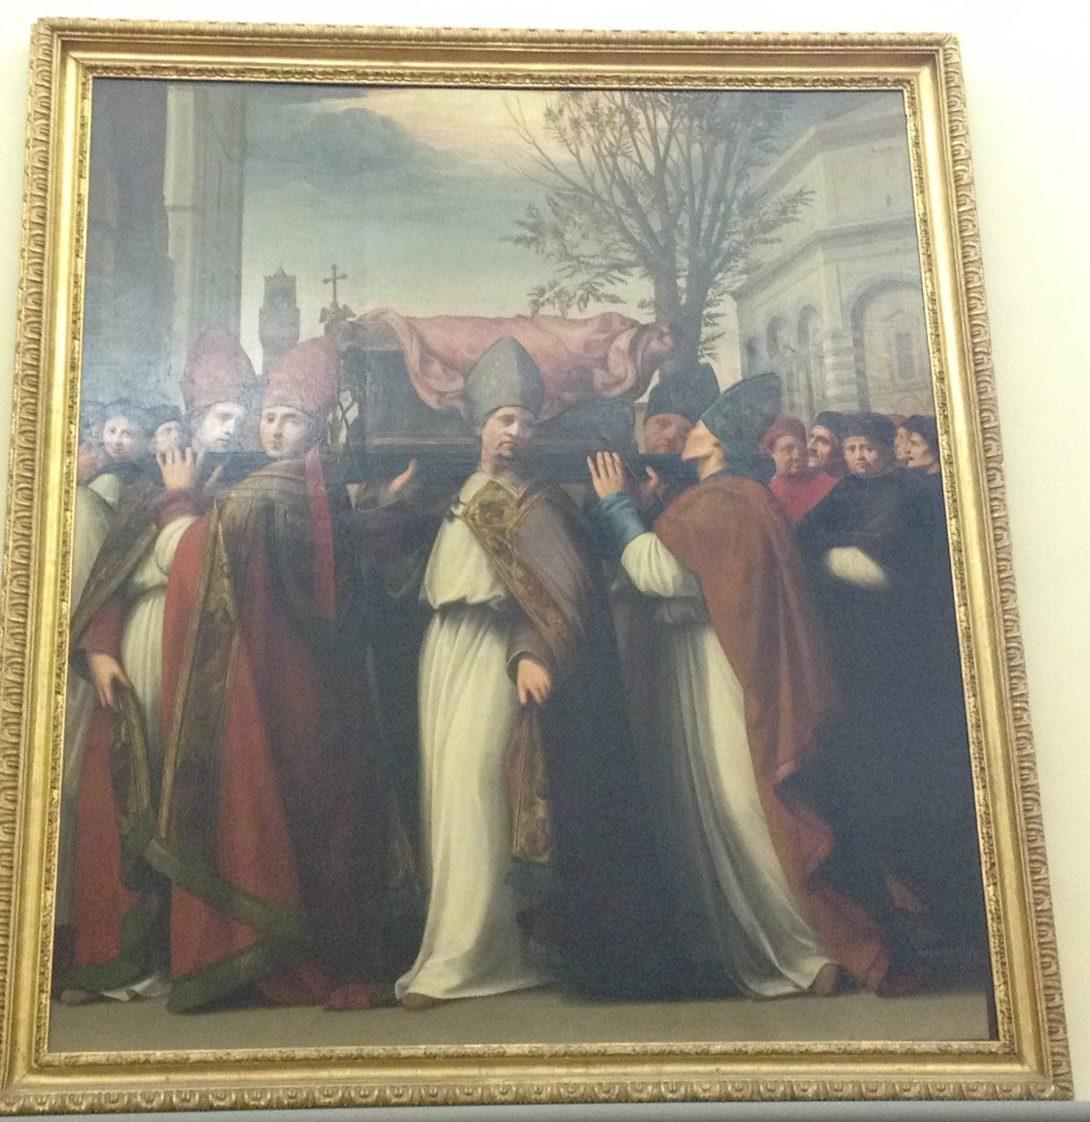 聖ザノビの移動 リドルフォ・デル・ギルランダイオ, 1516頃 アカデミア美術館, フィレンツェ